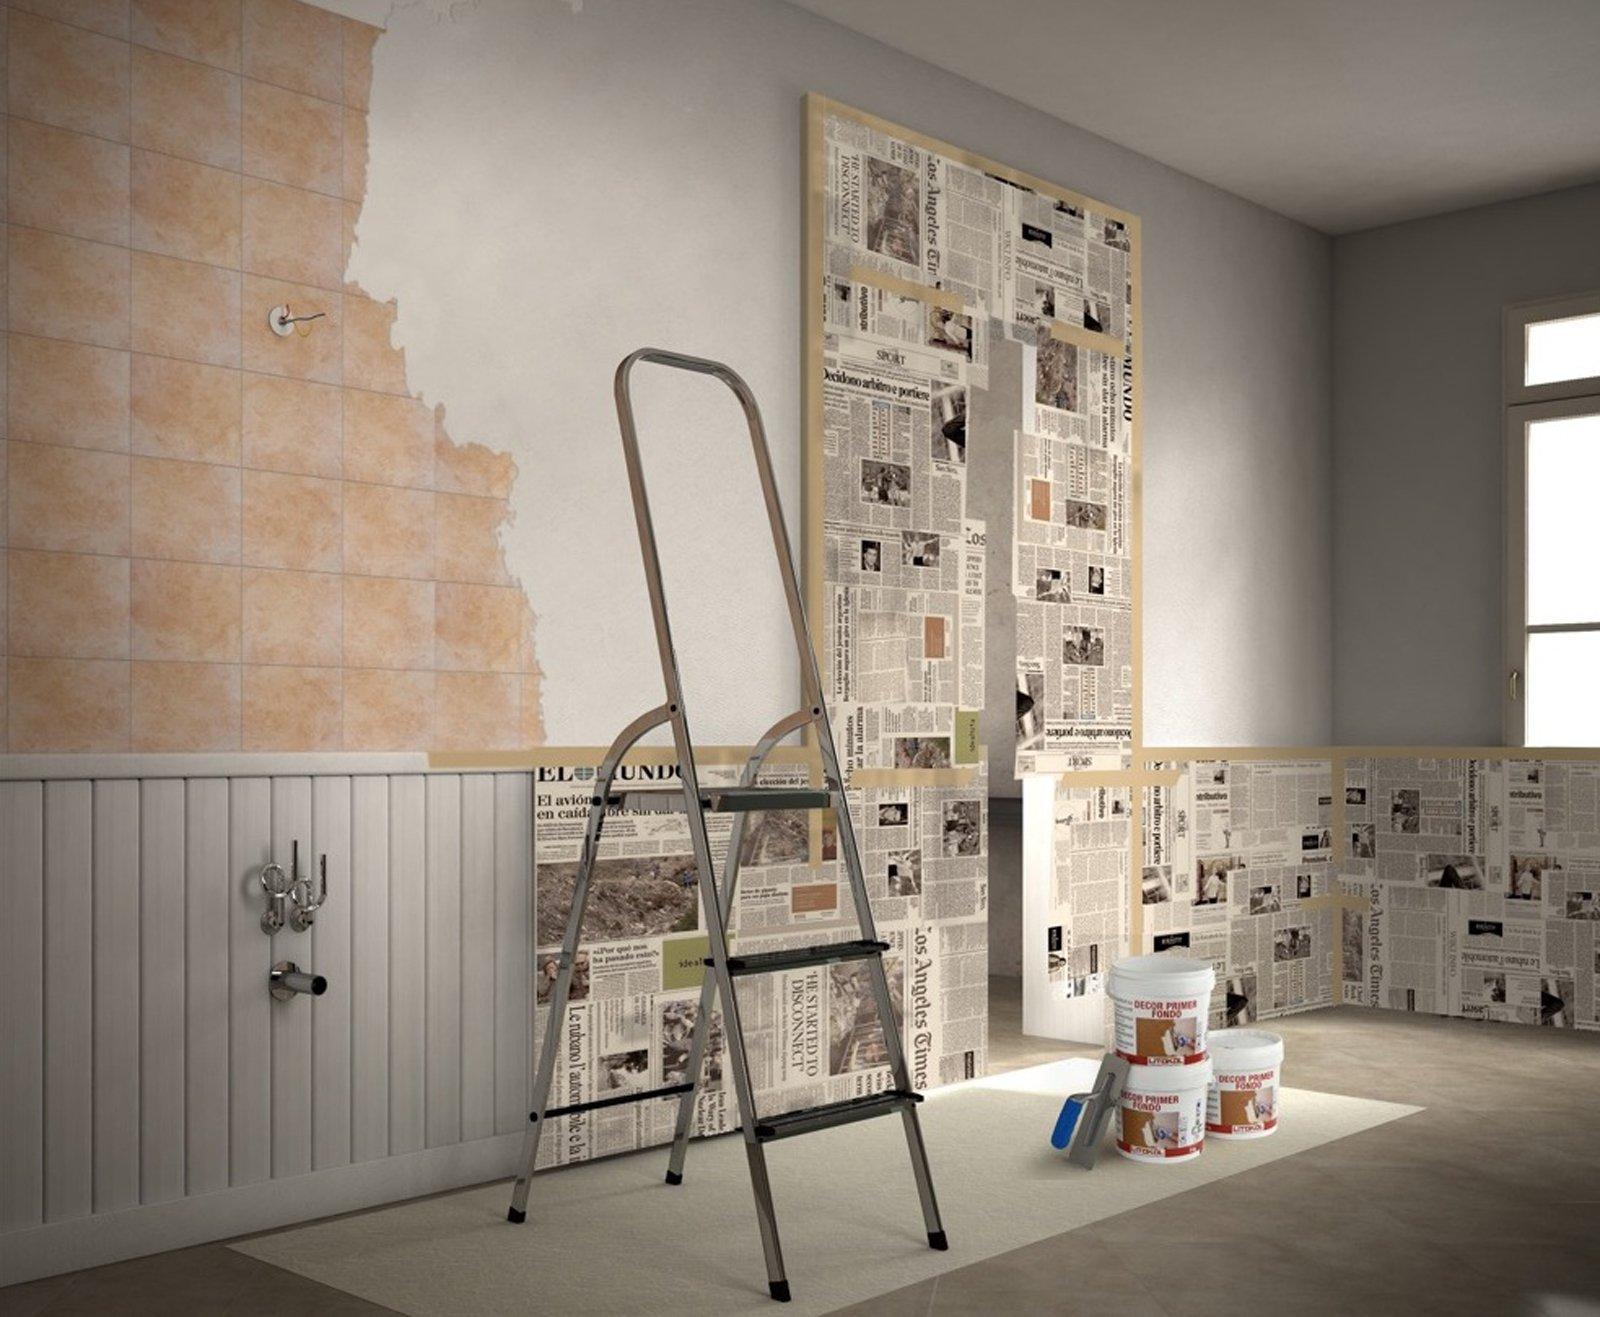 Rinnovare il bagno senza togliere le piastrelle risparmiando anche tempo cose di casa - Idee mattonelle bagno ...